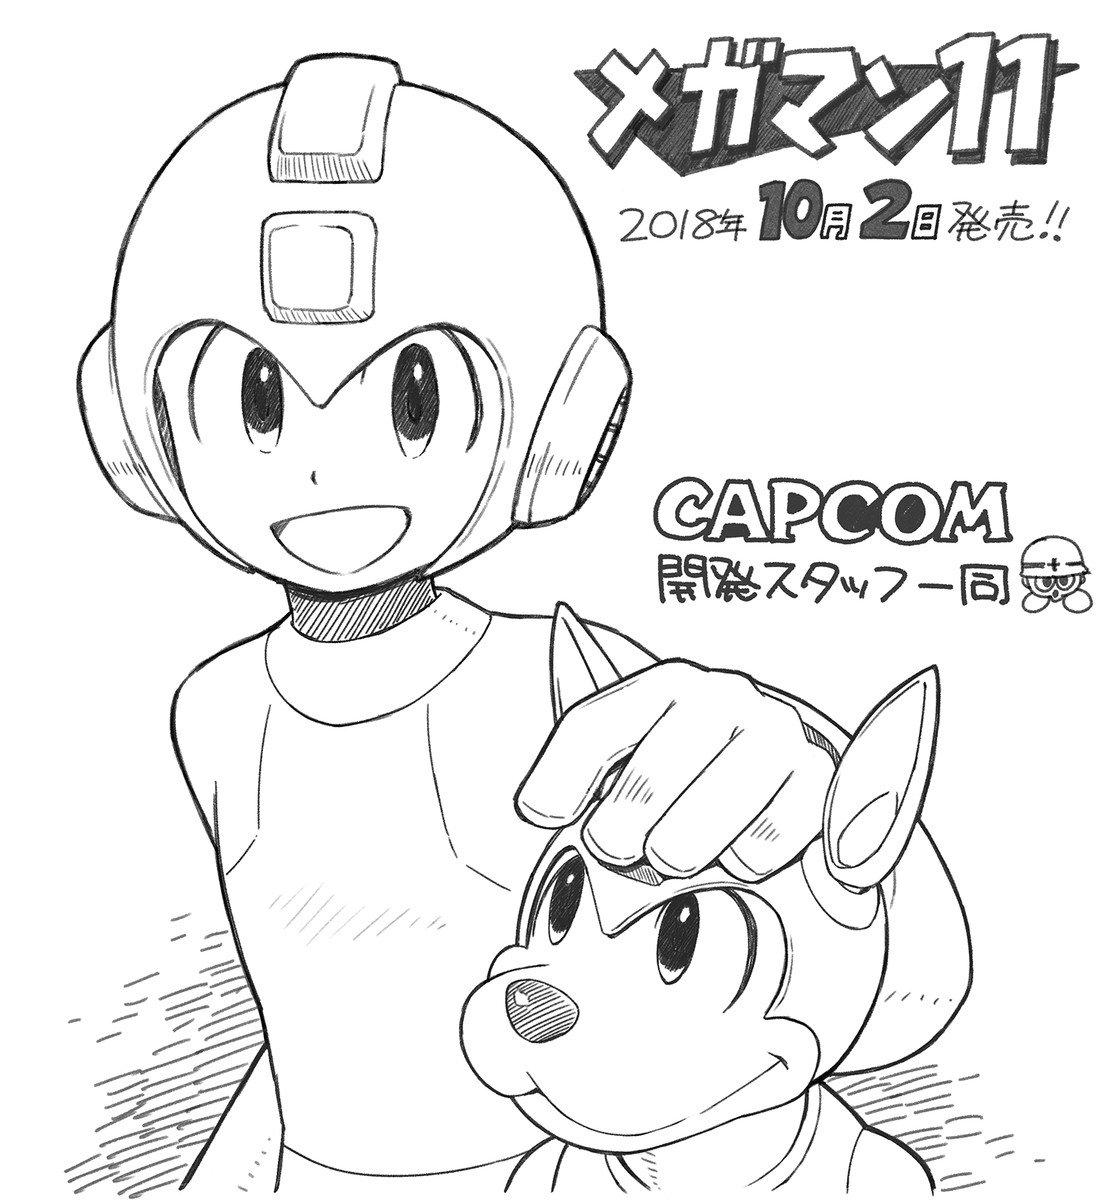 Capcom confirma una película live-action de Mega Man